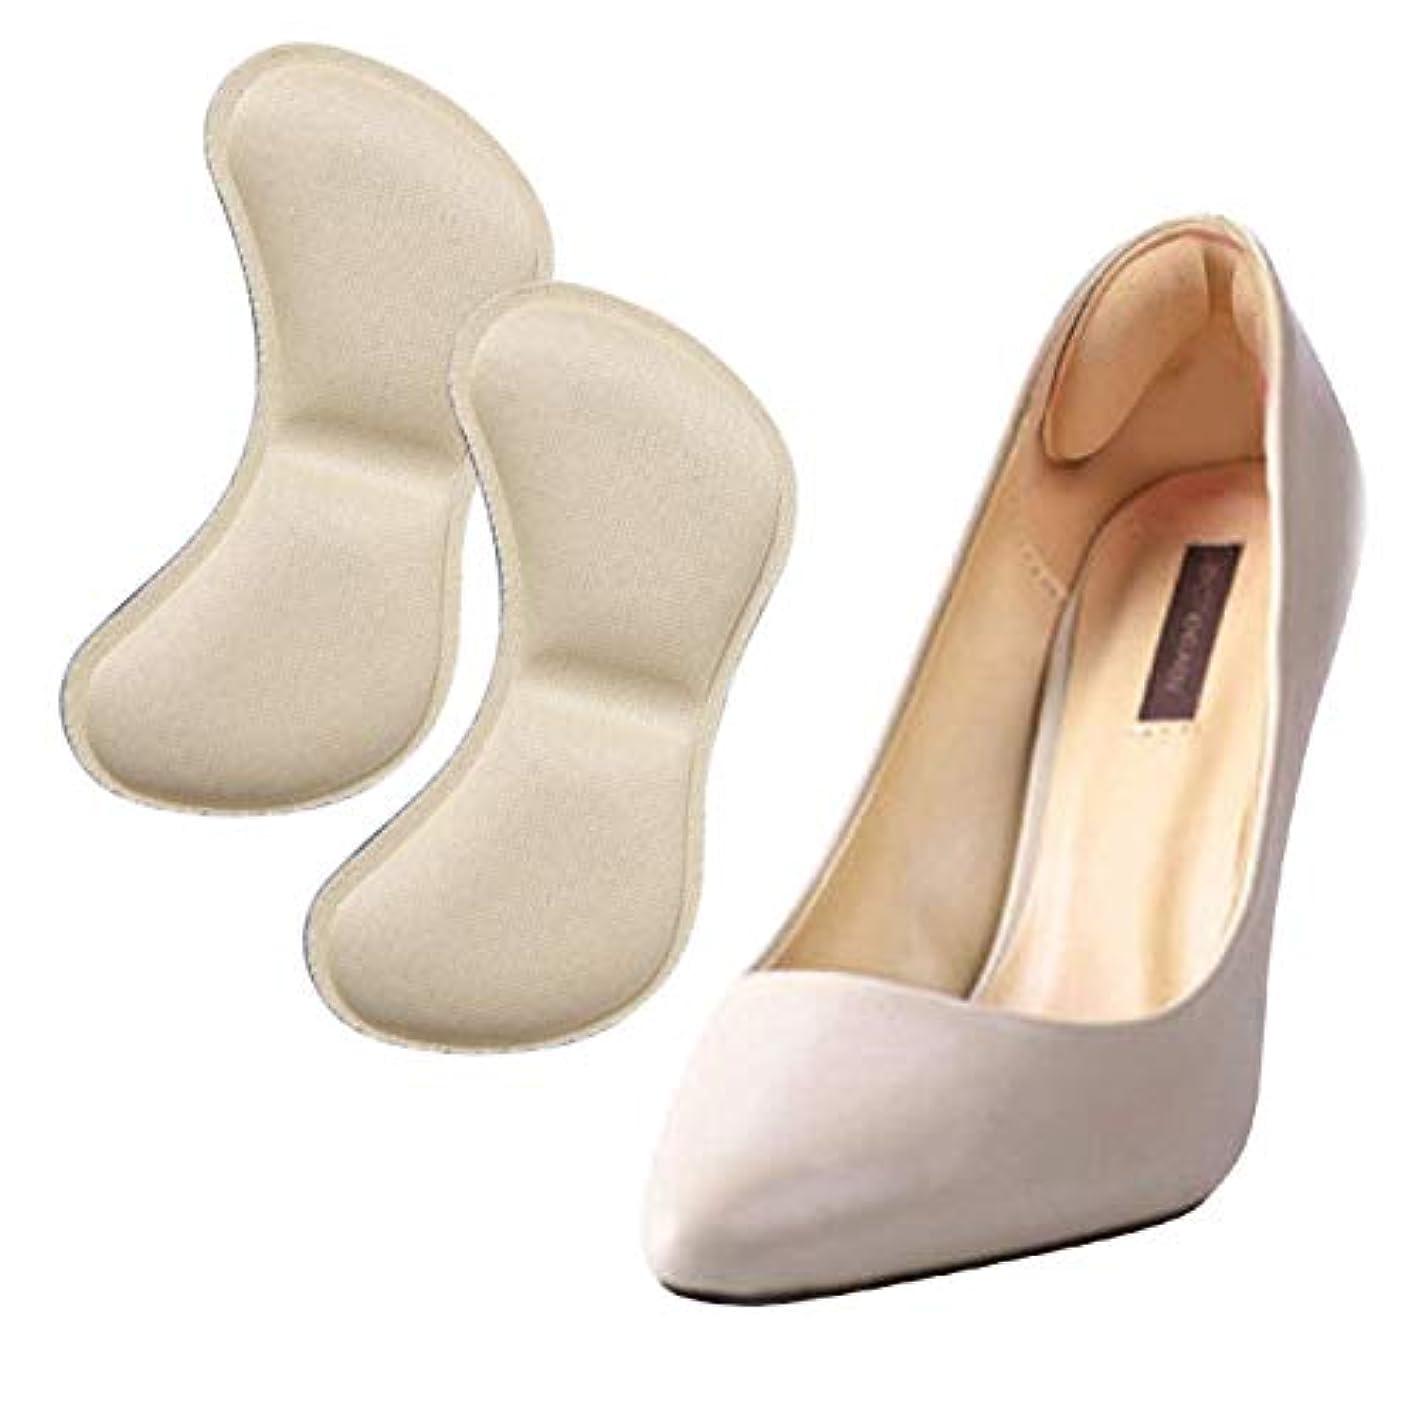 図書館鋸歯状委員長sac taske かかとパッド レディース 靴ずれ 防止 パッド かかと 足用 ヒール 保護 10足 (ベージュ 10足セット)